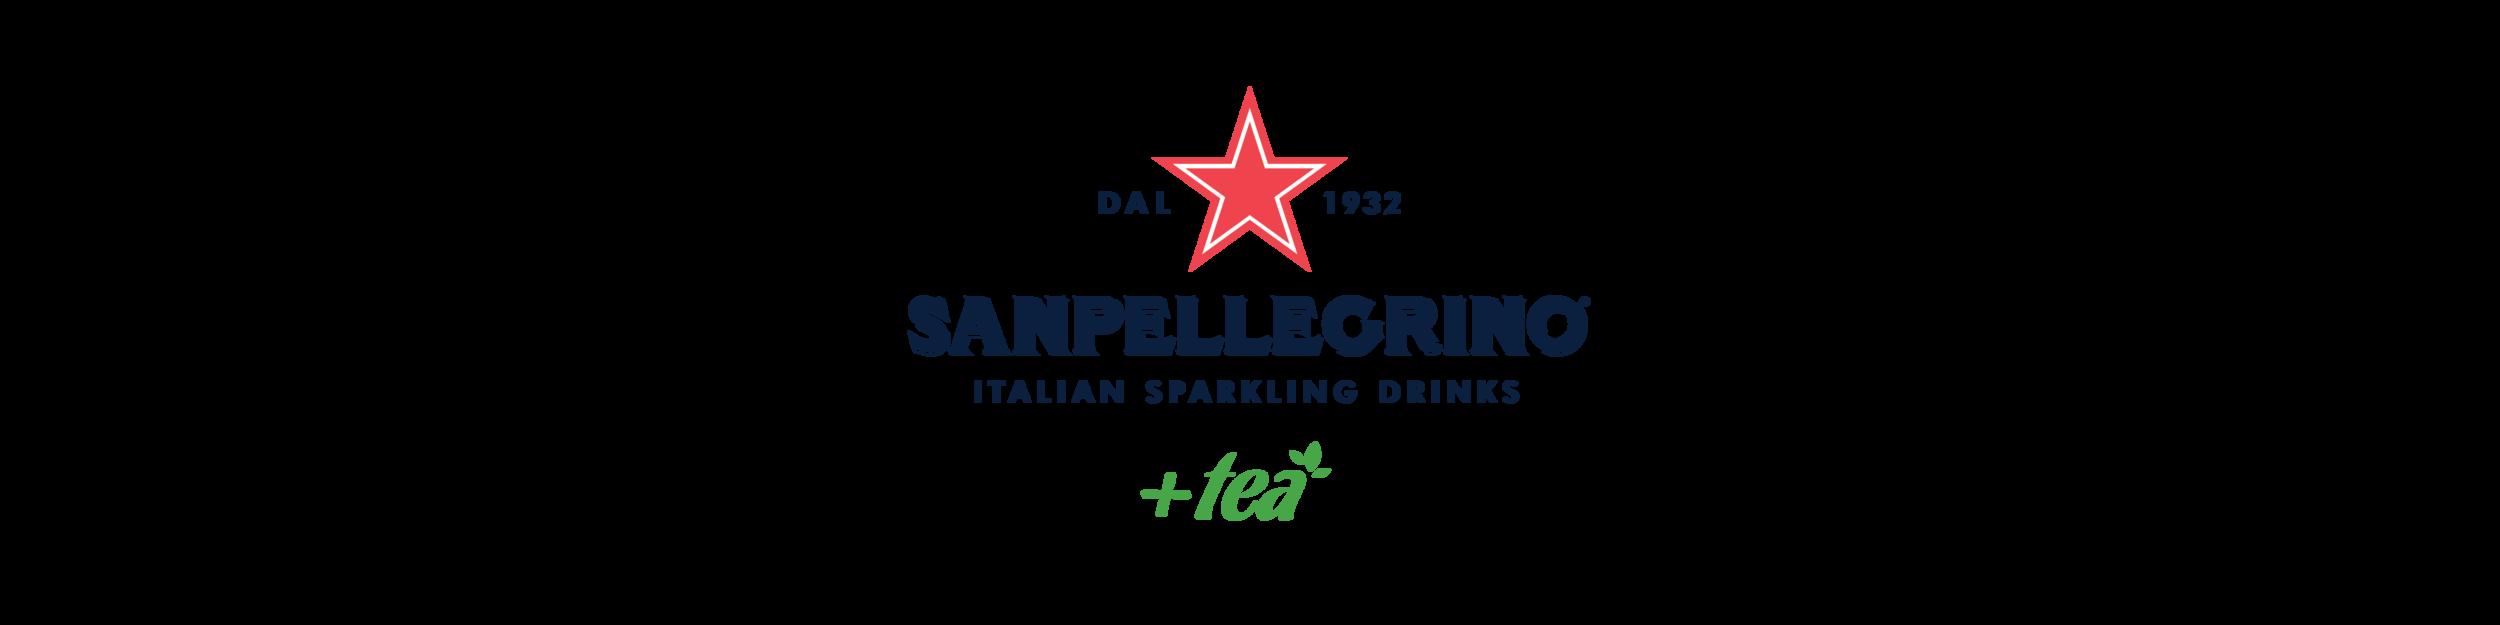 ITALIANSPARKLINGDRINKS_+TEA.png